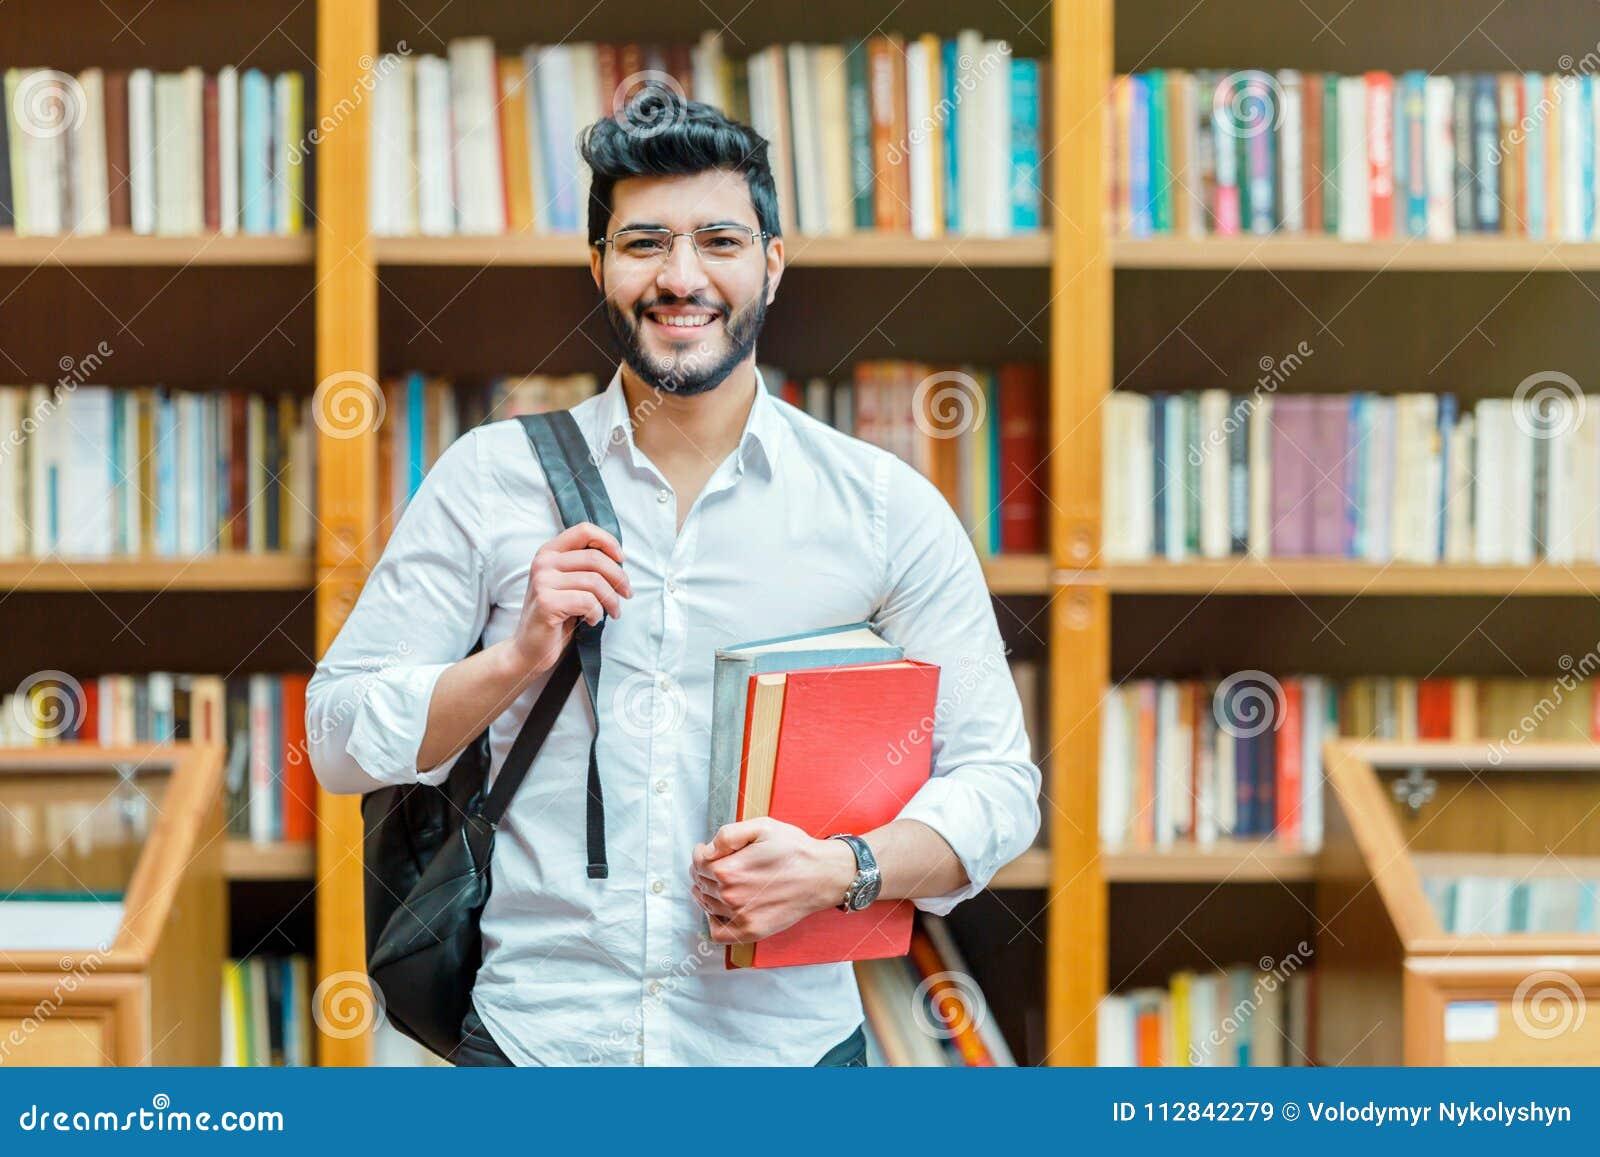 Portret van student